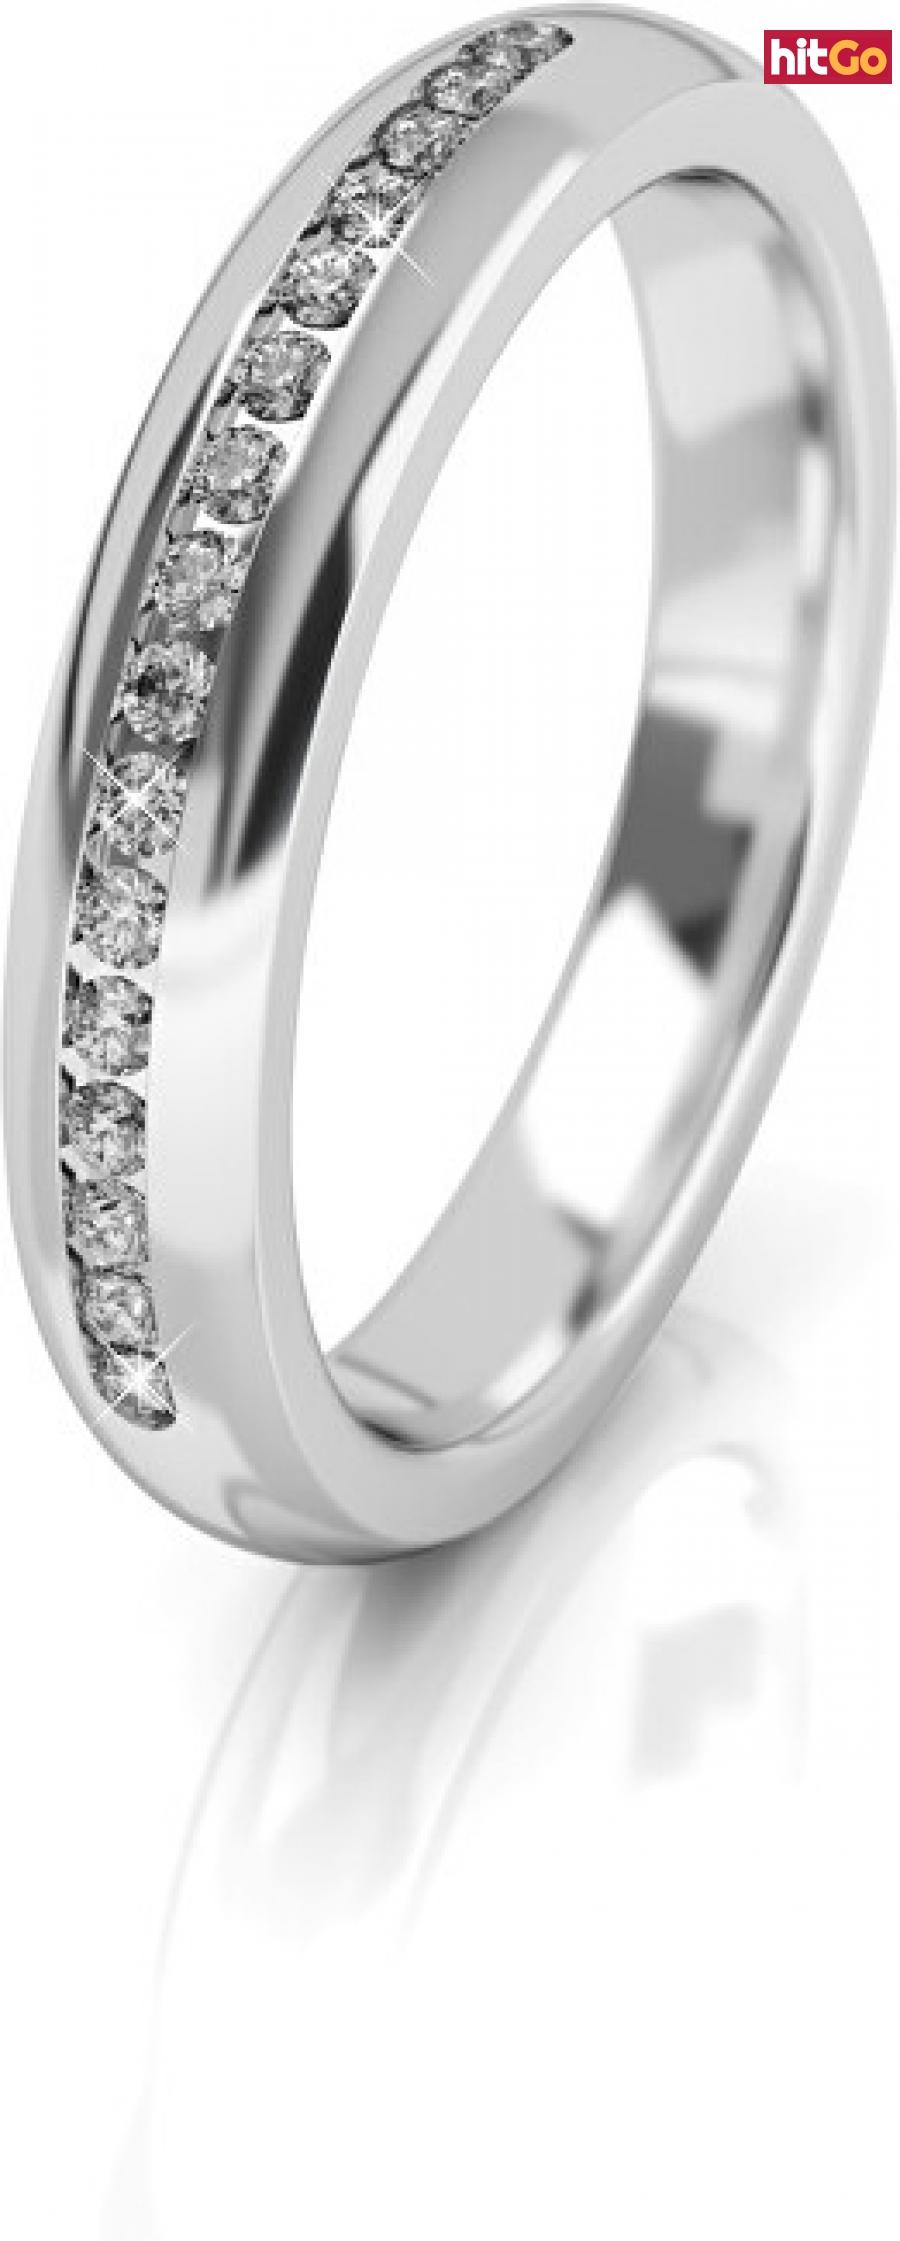 Art Diamond Dámský snubní prsten z bílého zlata se zirkony AUG277 50 mm dámské